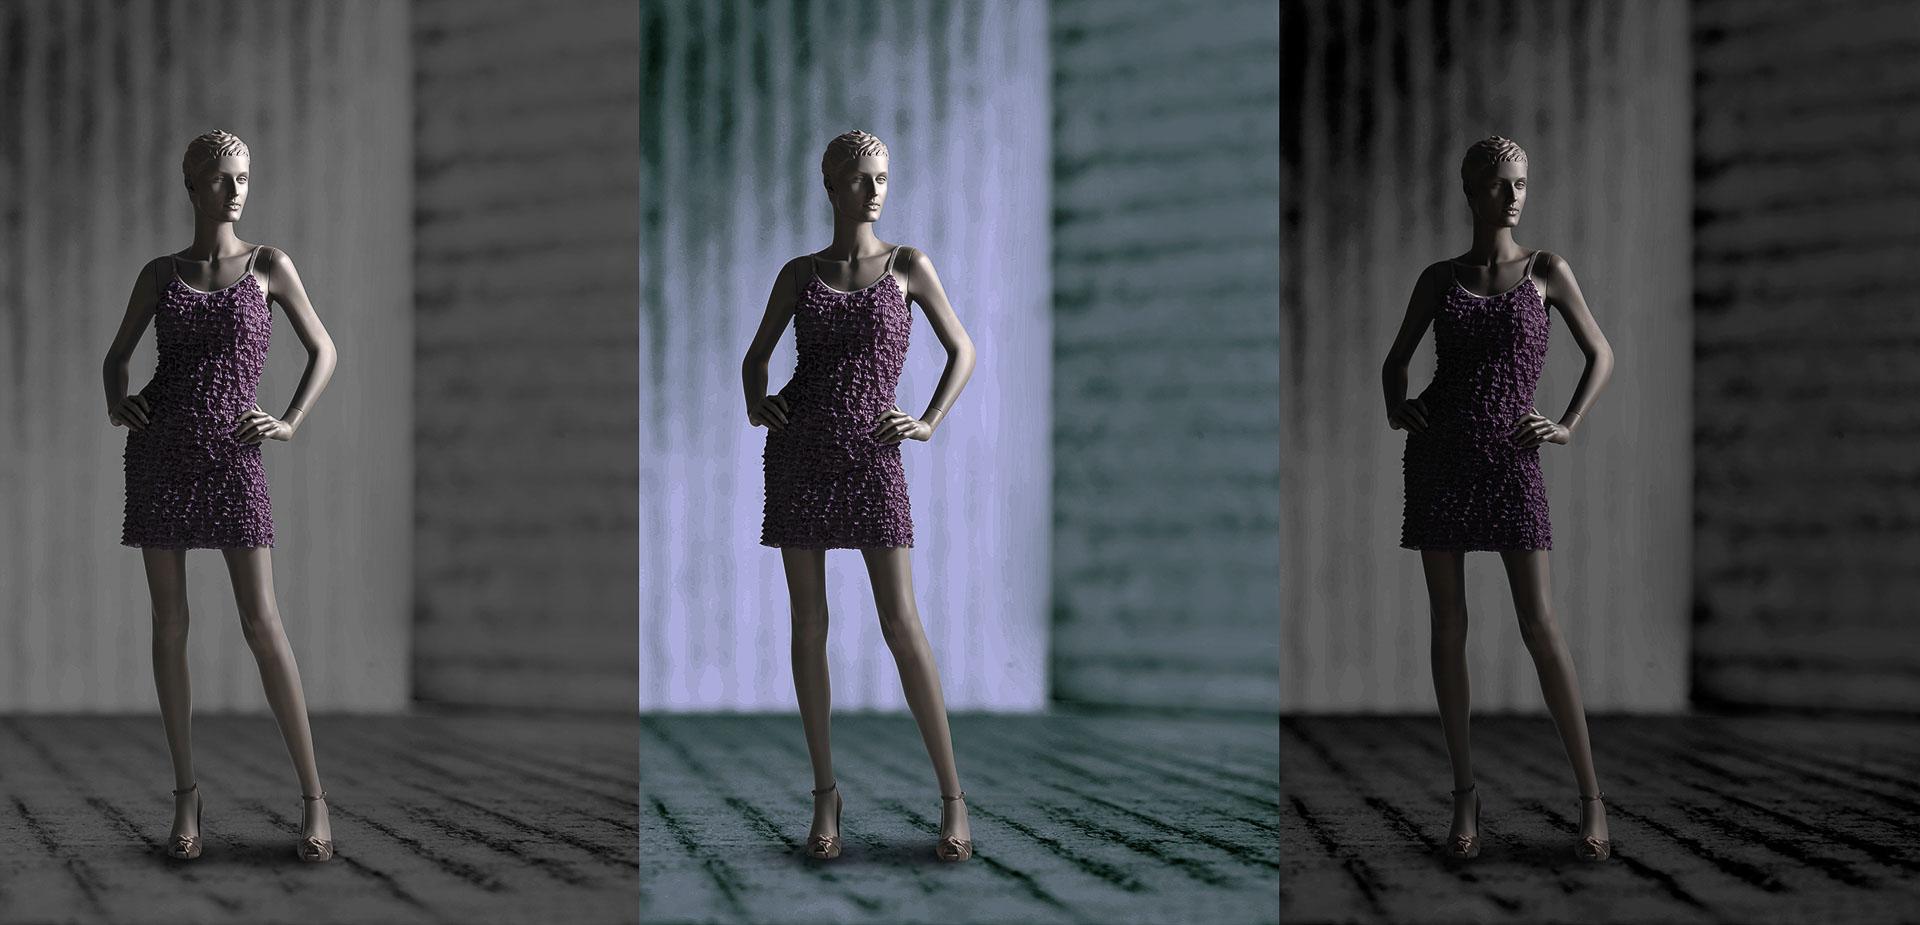 02_Hans_Boodt_G-star_mannequins